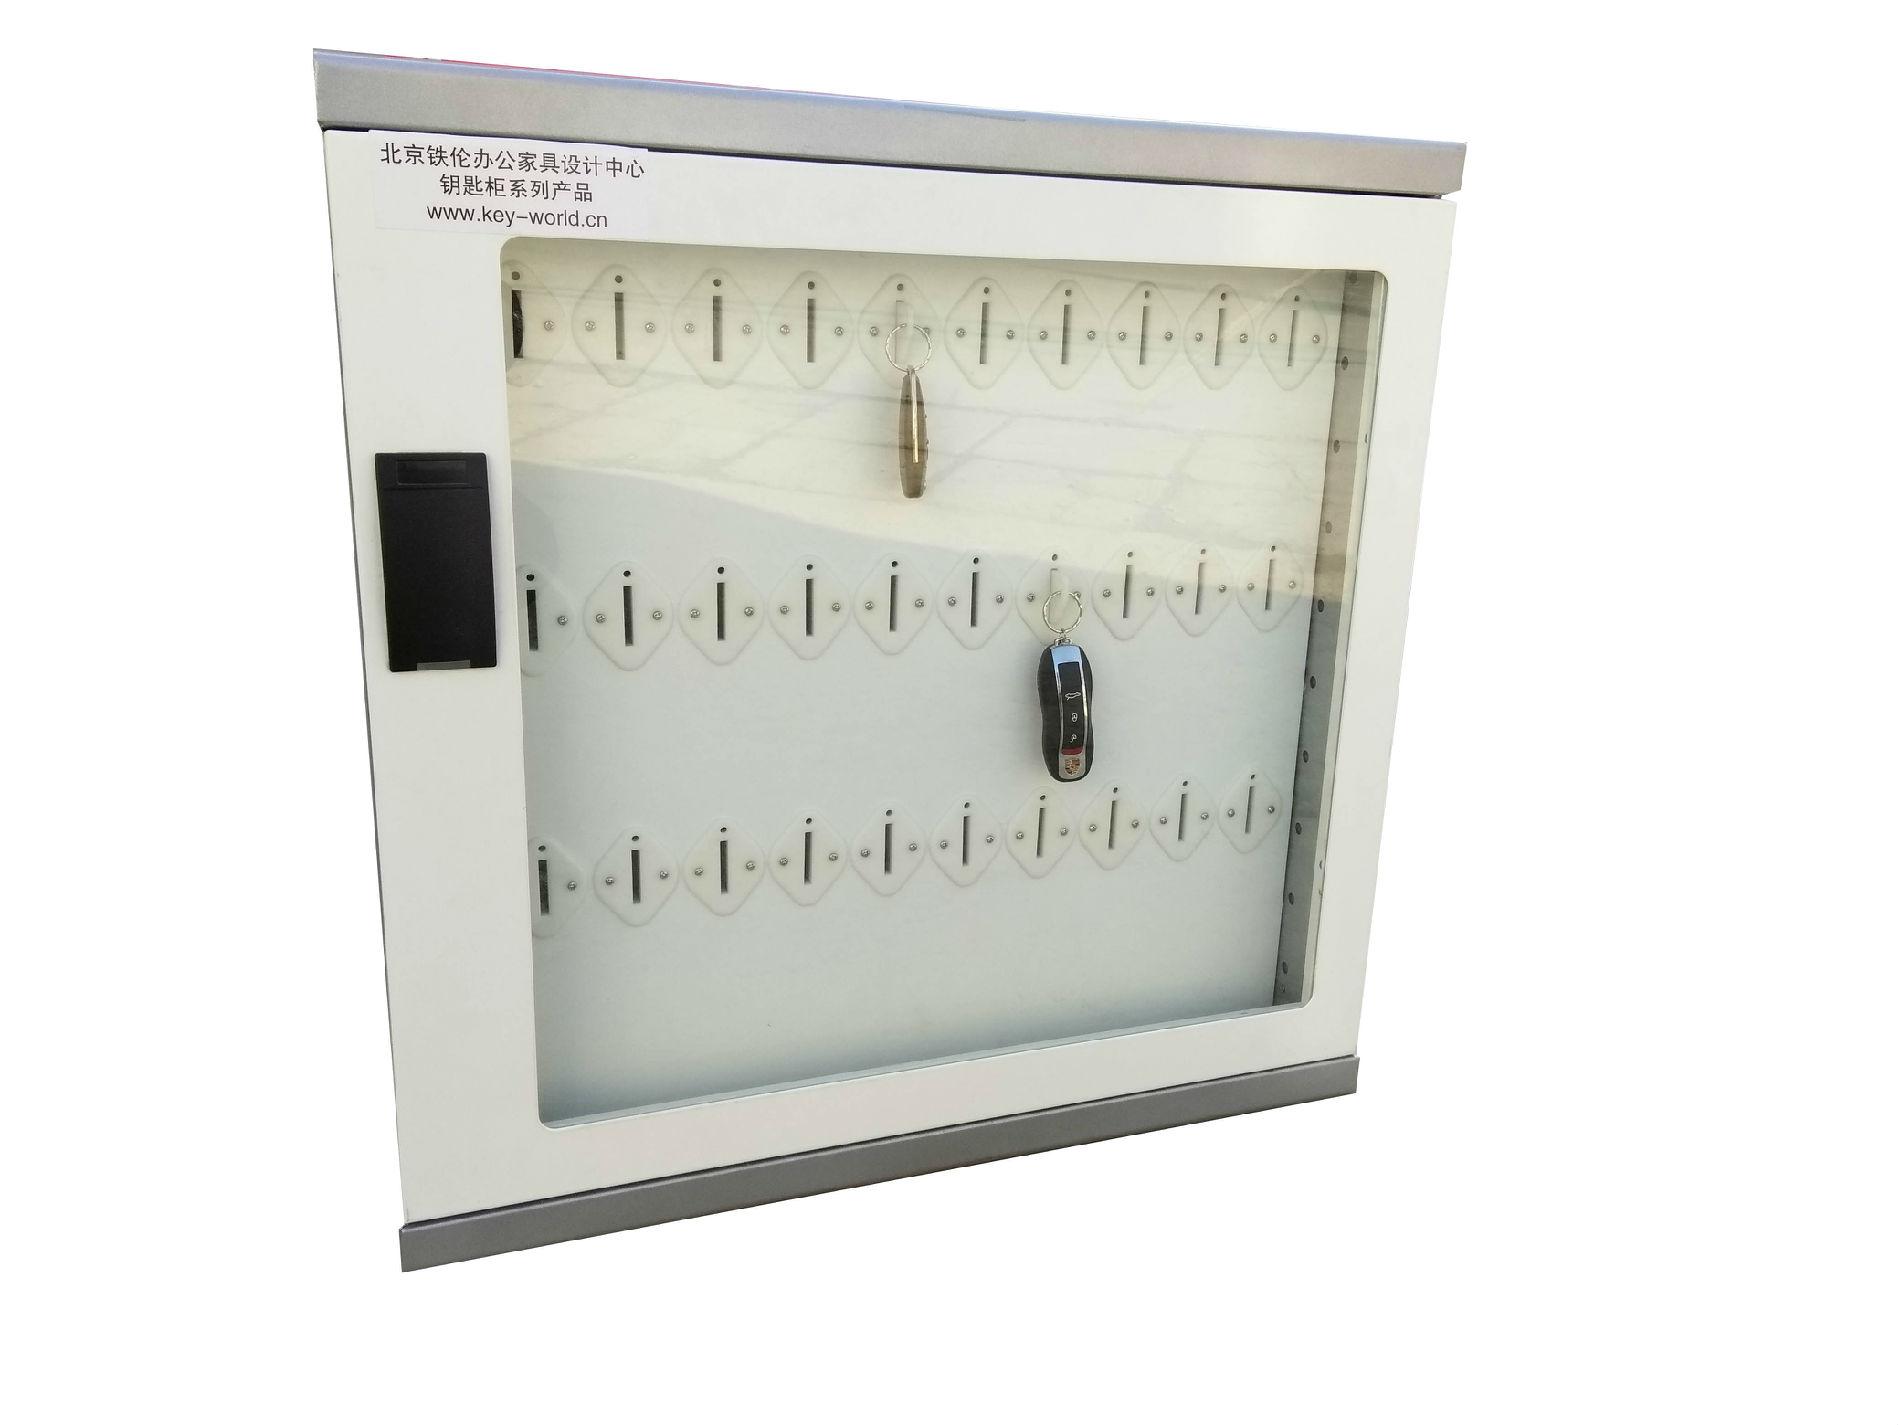 埃克萨斯智能钥匙柜E-key5mini电力物业钥匙柜人脸识别智能钥匙管理系统